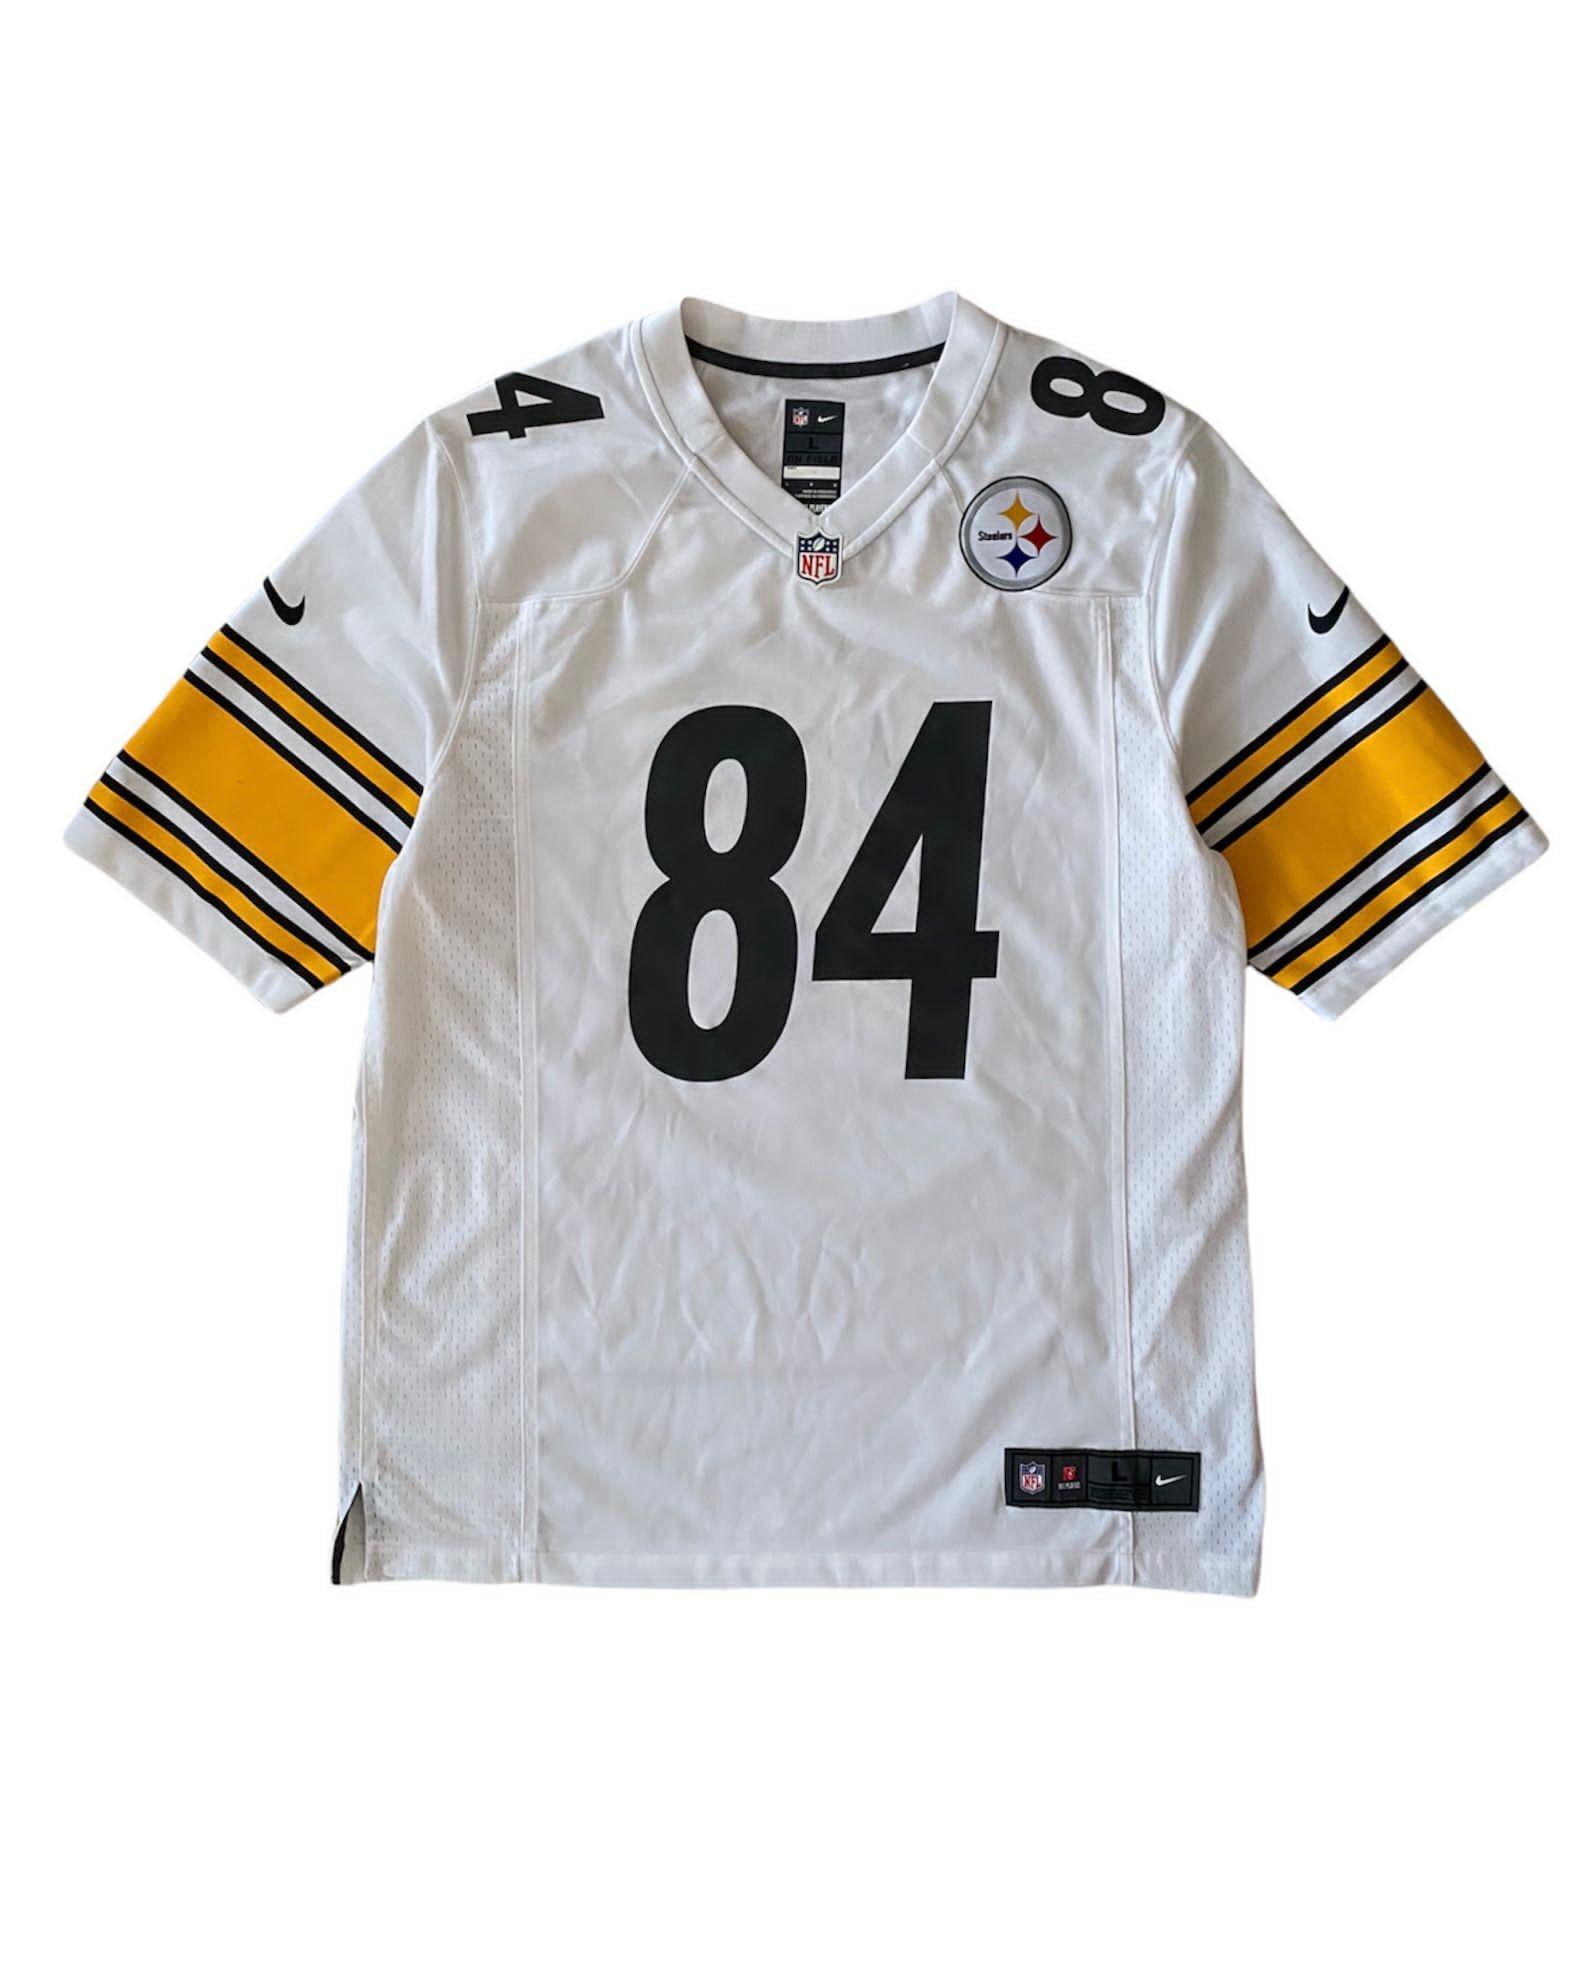 Nike NFL Steelers Jersey (L)